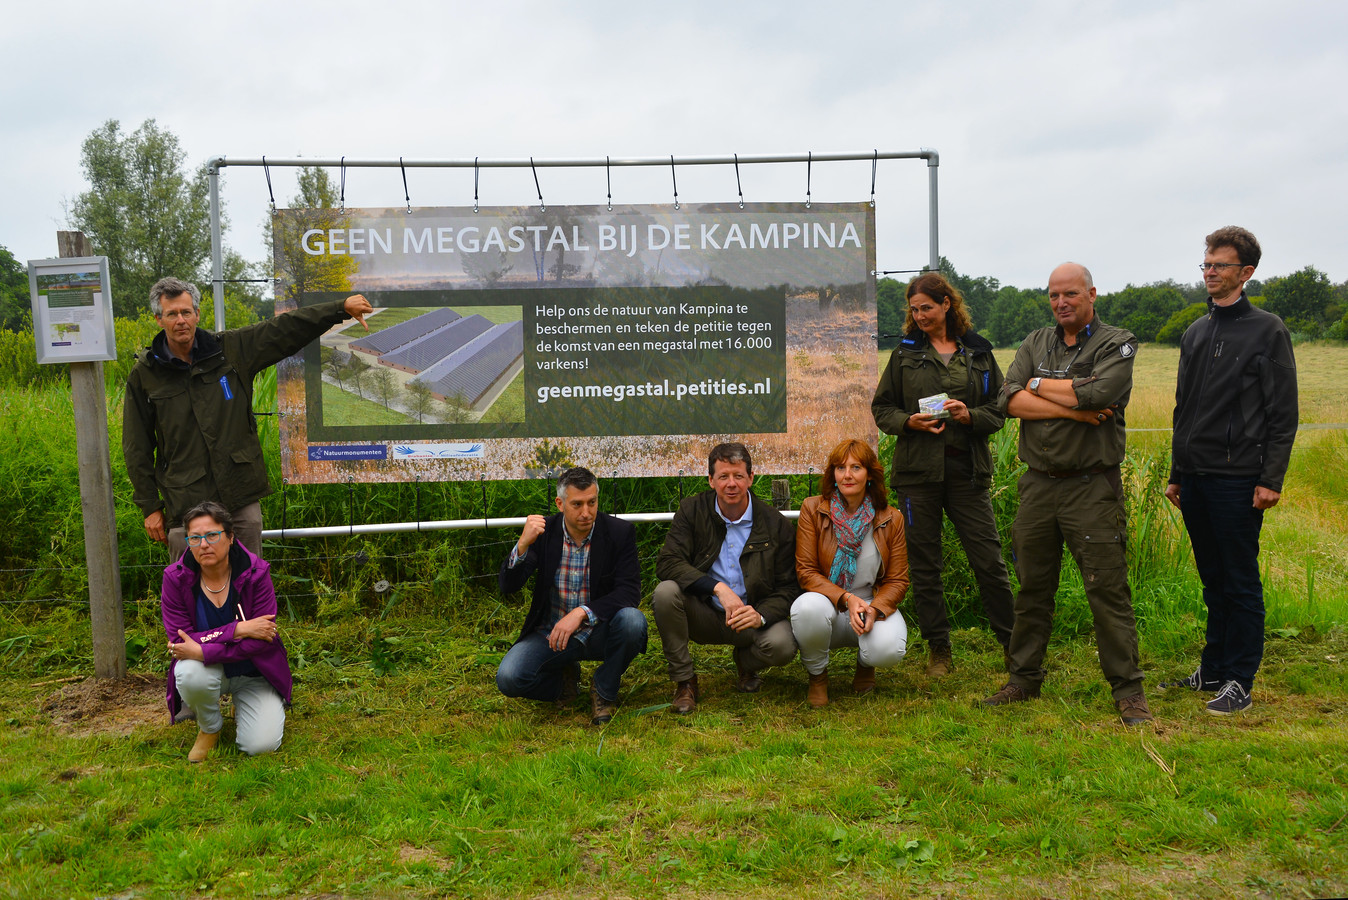 Natuurmonumenten en Brabantse Milieufederatie (BMF) protesteren al jaren tegen de komst van een nieuwe varkenshouderij aan de rand van de Kampina.